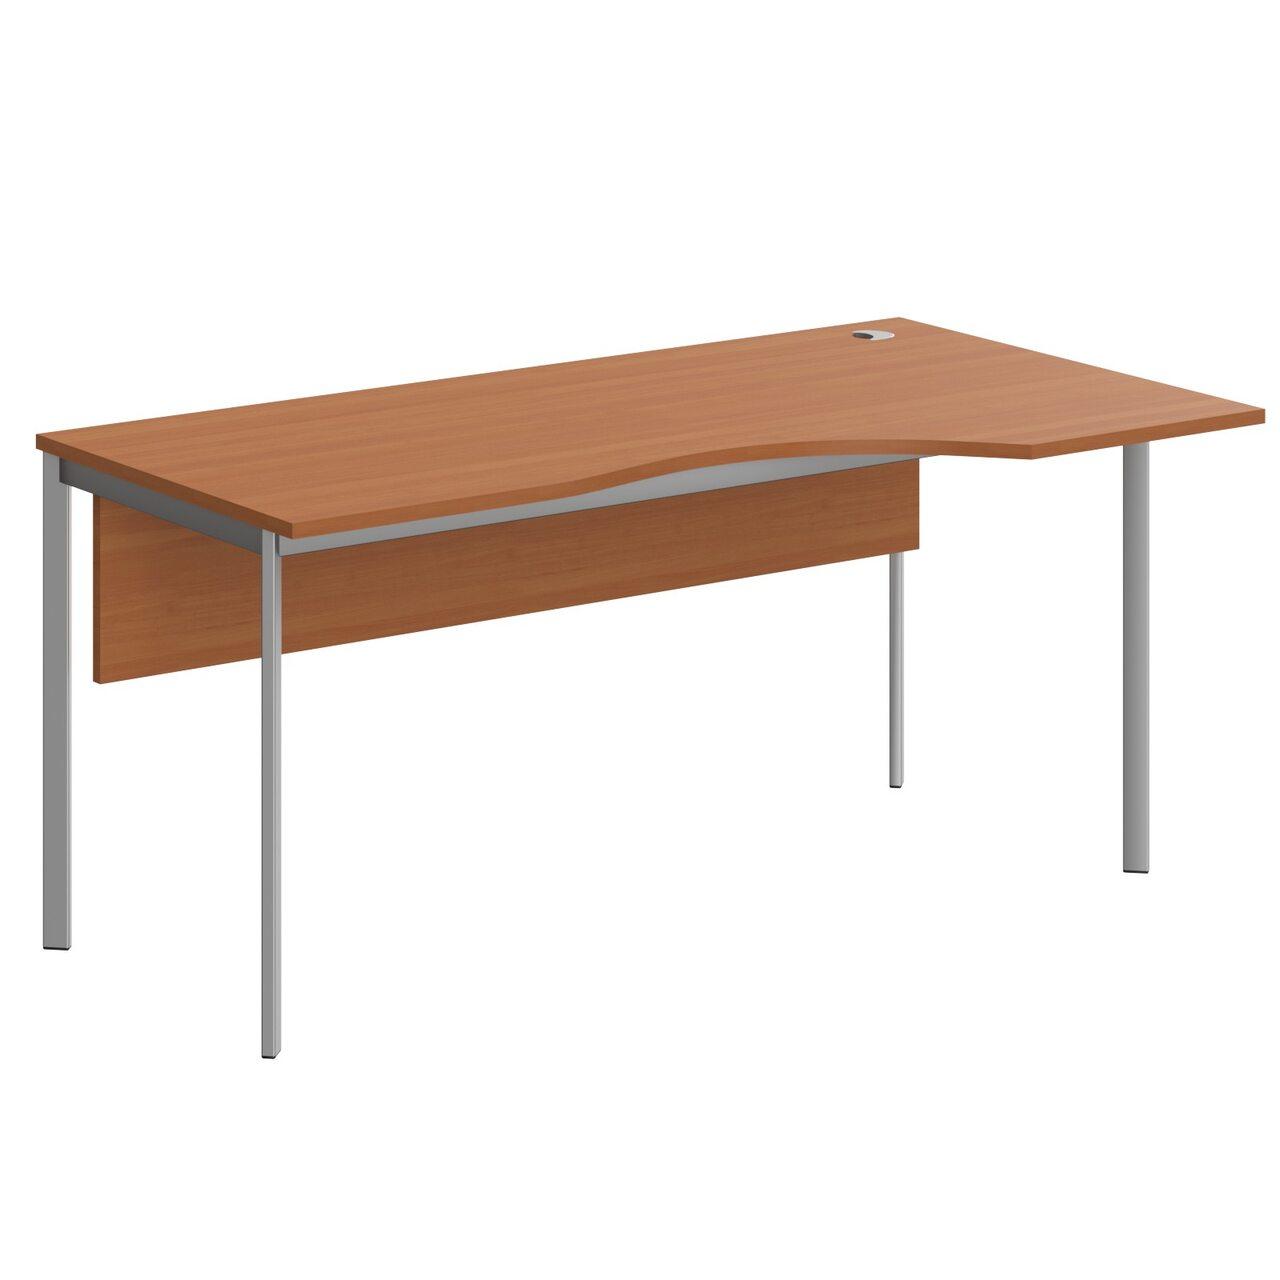 Стол эргономичный с фронтальной панелью  IMAGO-S 90x160x76 - фото 6